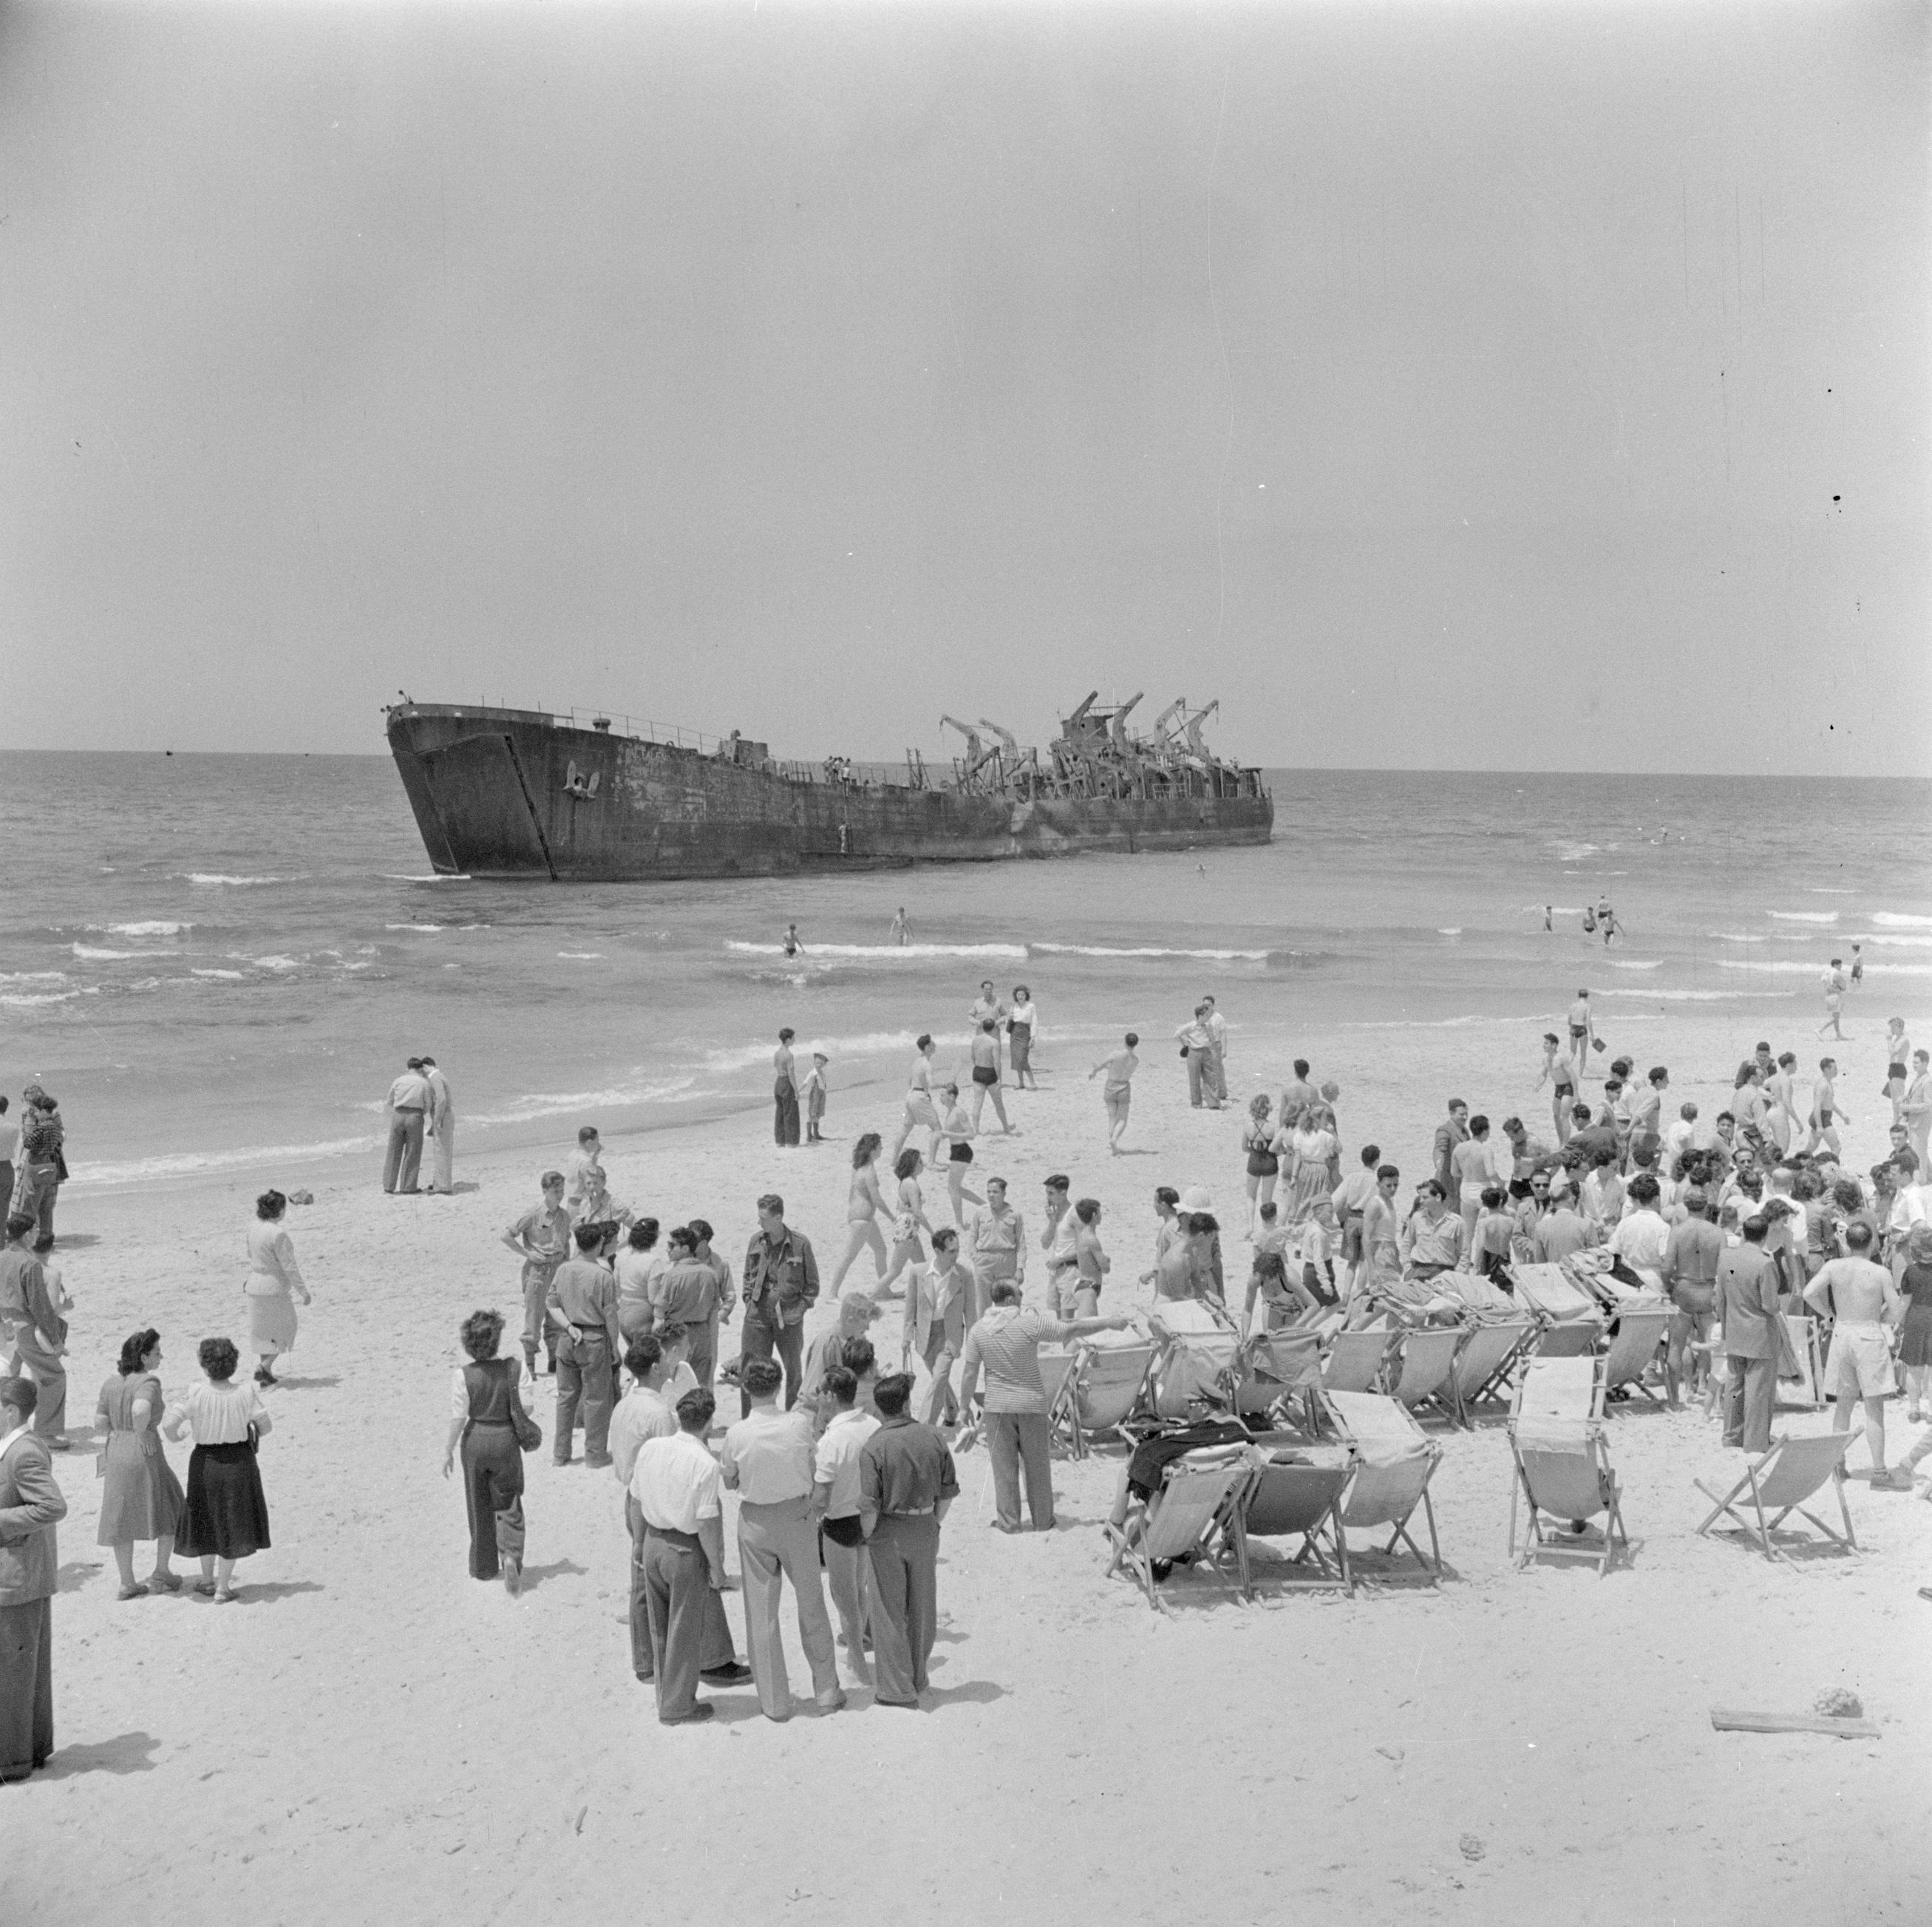 מבט על האונייה אלטלנה מחוף ים תל אביב